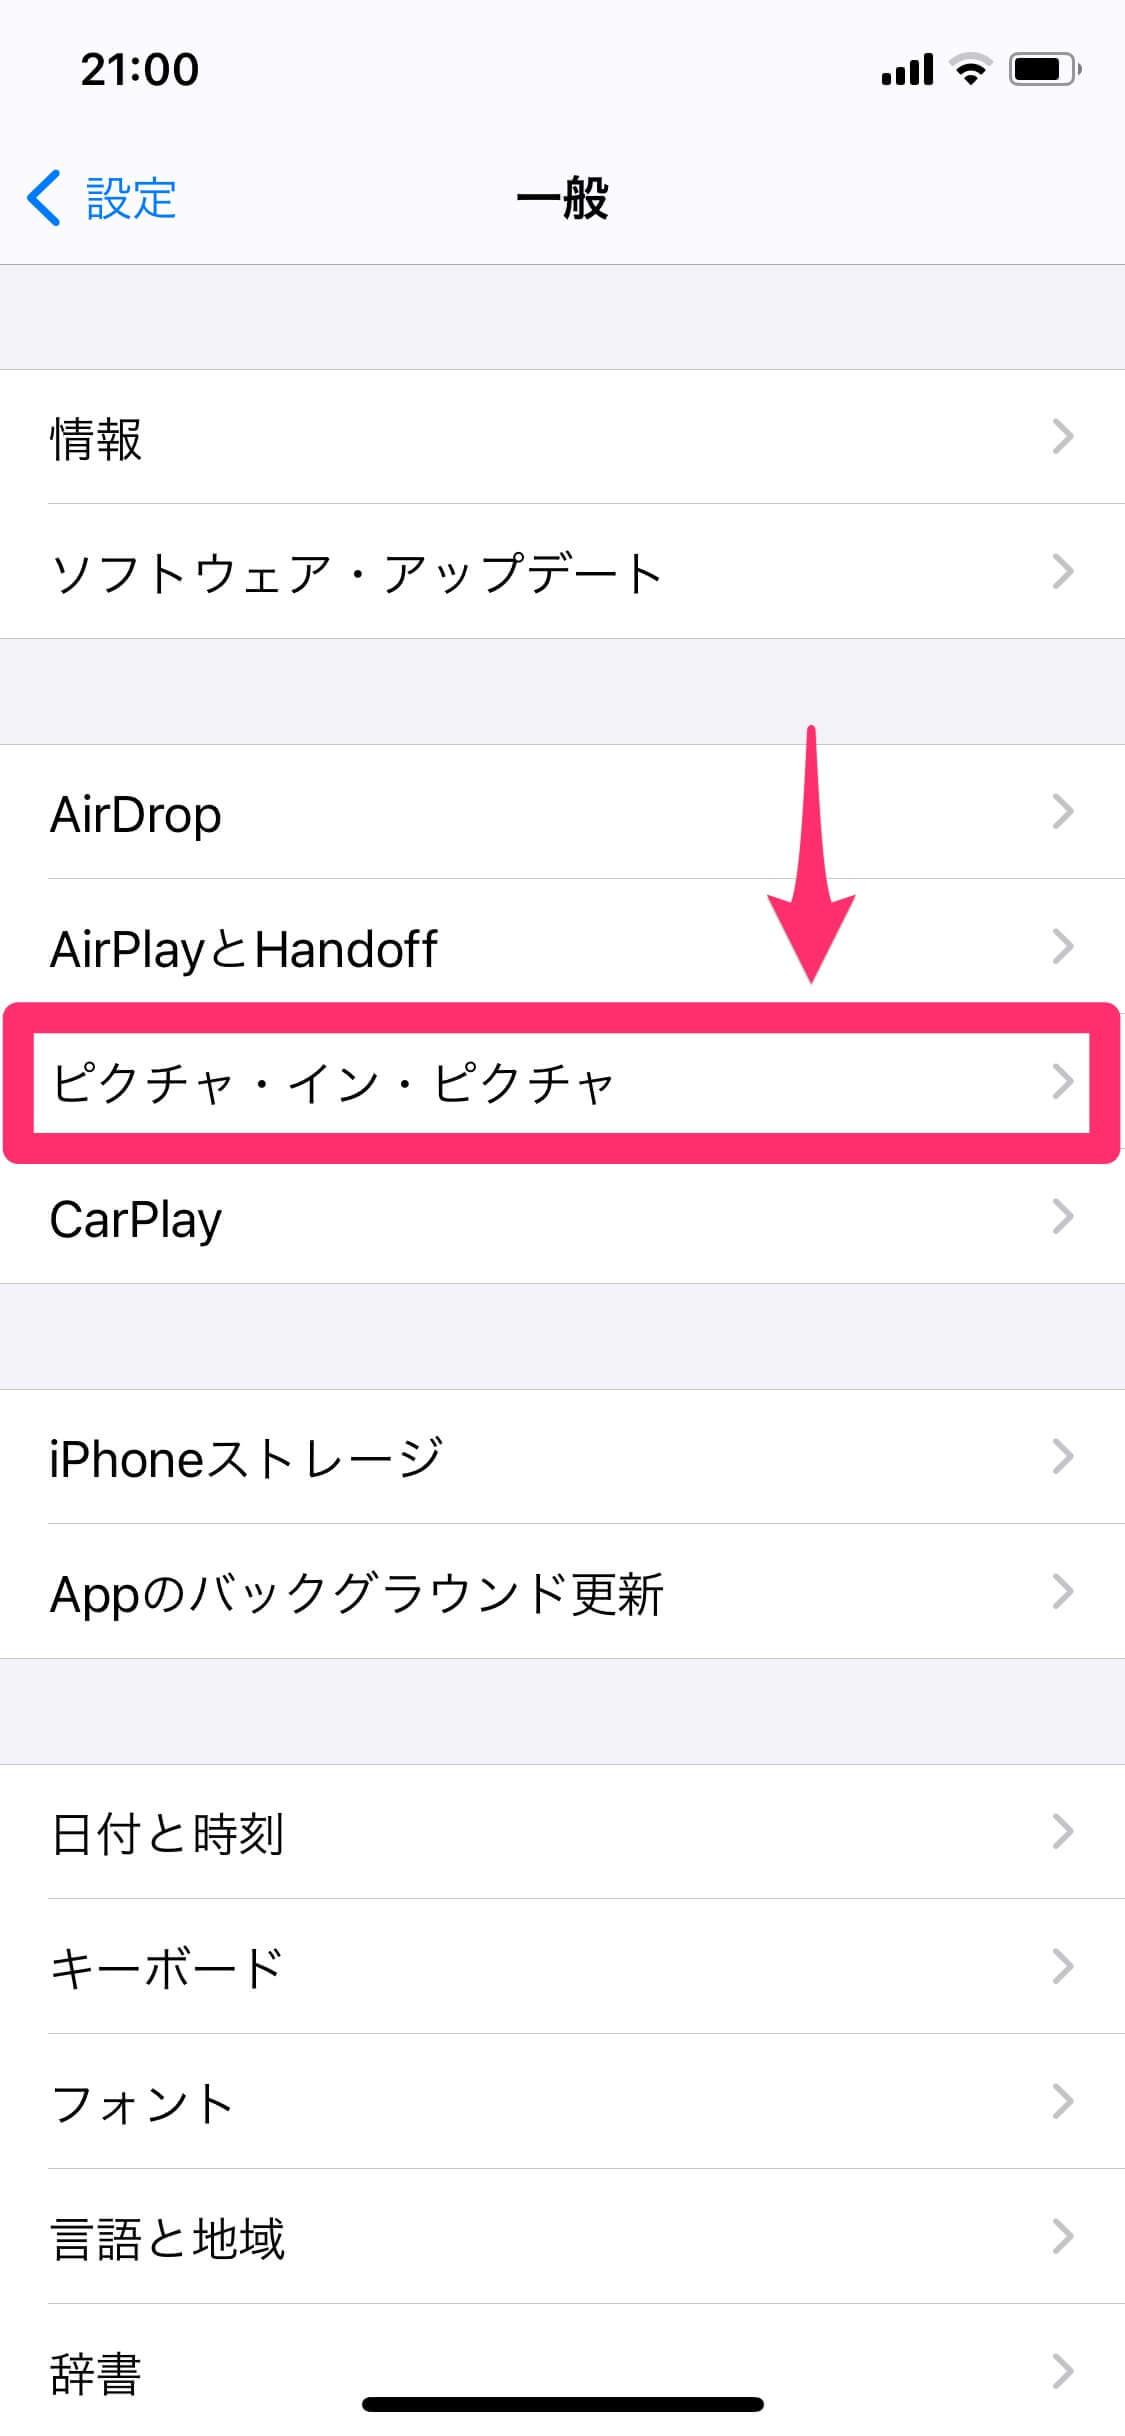 【iOS 14】アマプラ見ながらSafariで検索! 動画を小窓で表示するピクチャ・イン・ピクチャ